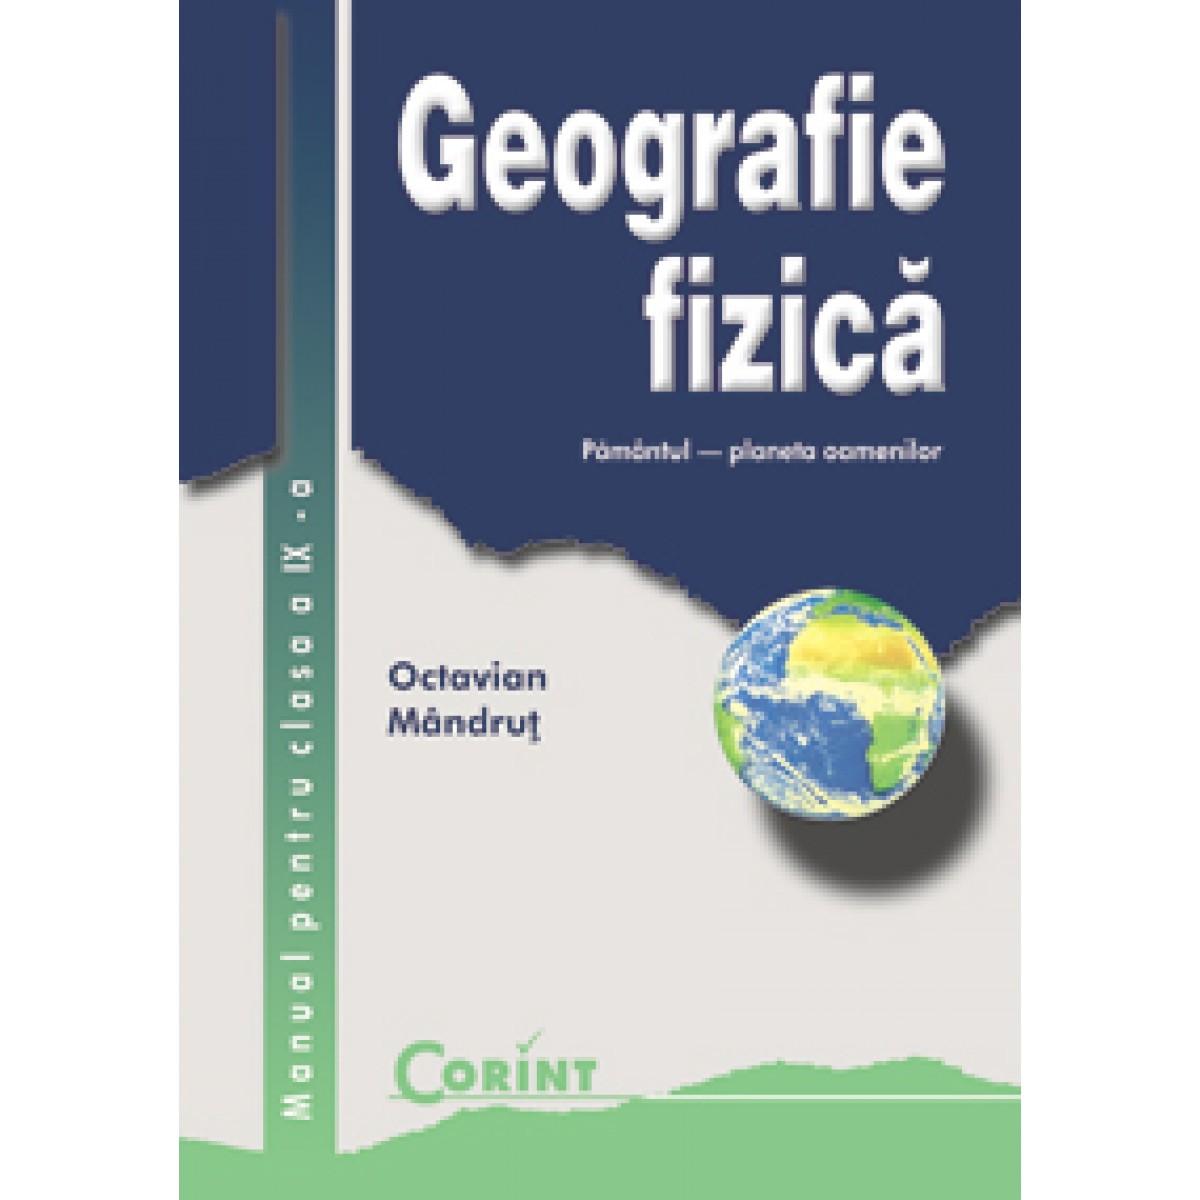 geografie fizic manual pentru clasa a ix a editura corint rh edituracorint ro Geografie Miv Geografie Fizica Generala